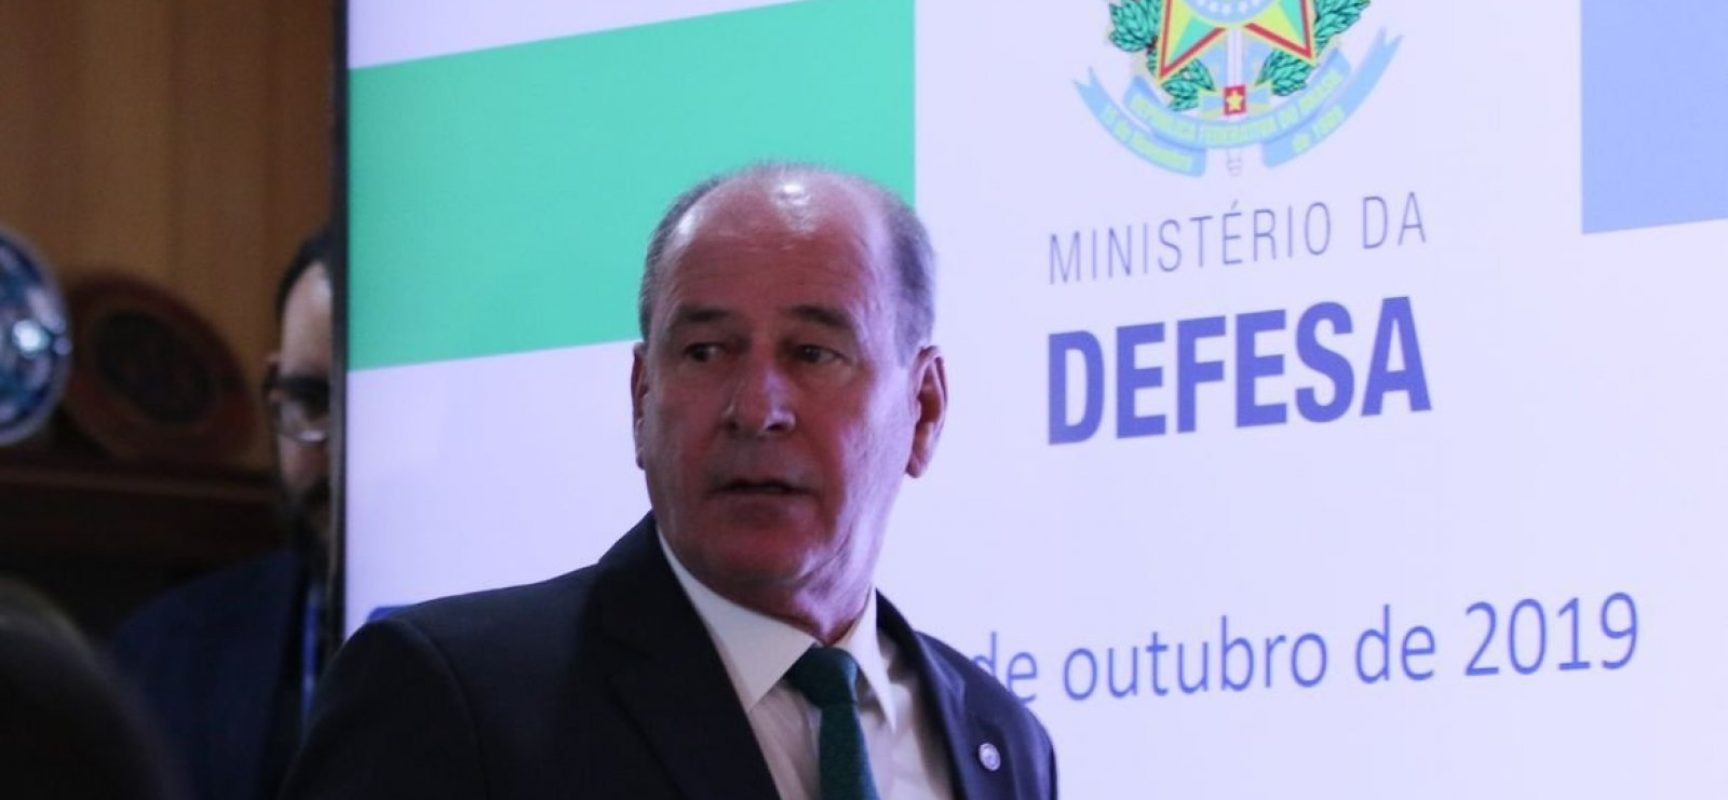 Fernando Azevedo e Silva, ministro da Defesa, anuncia que deixa o cargo